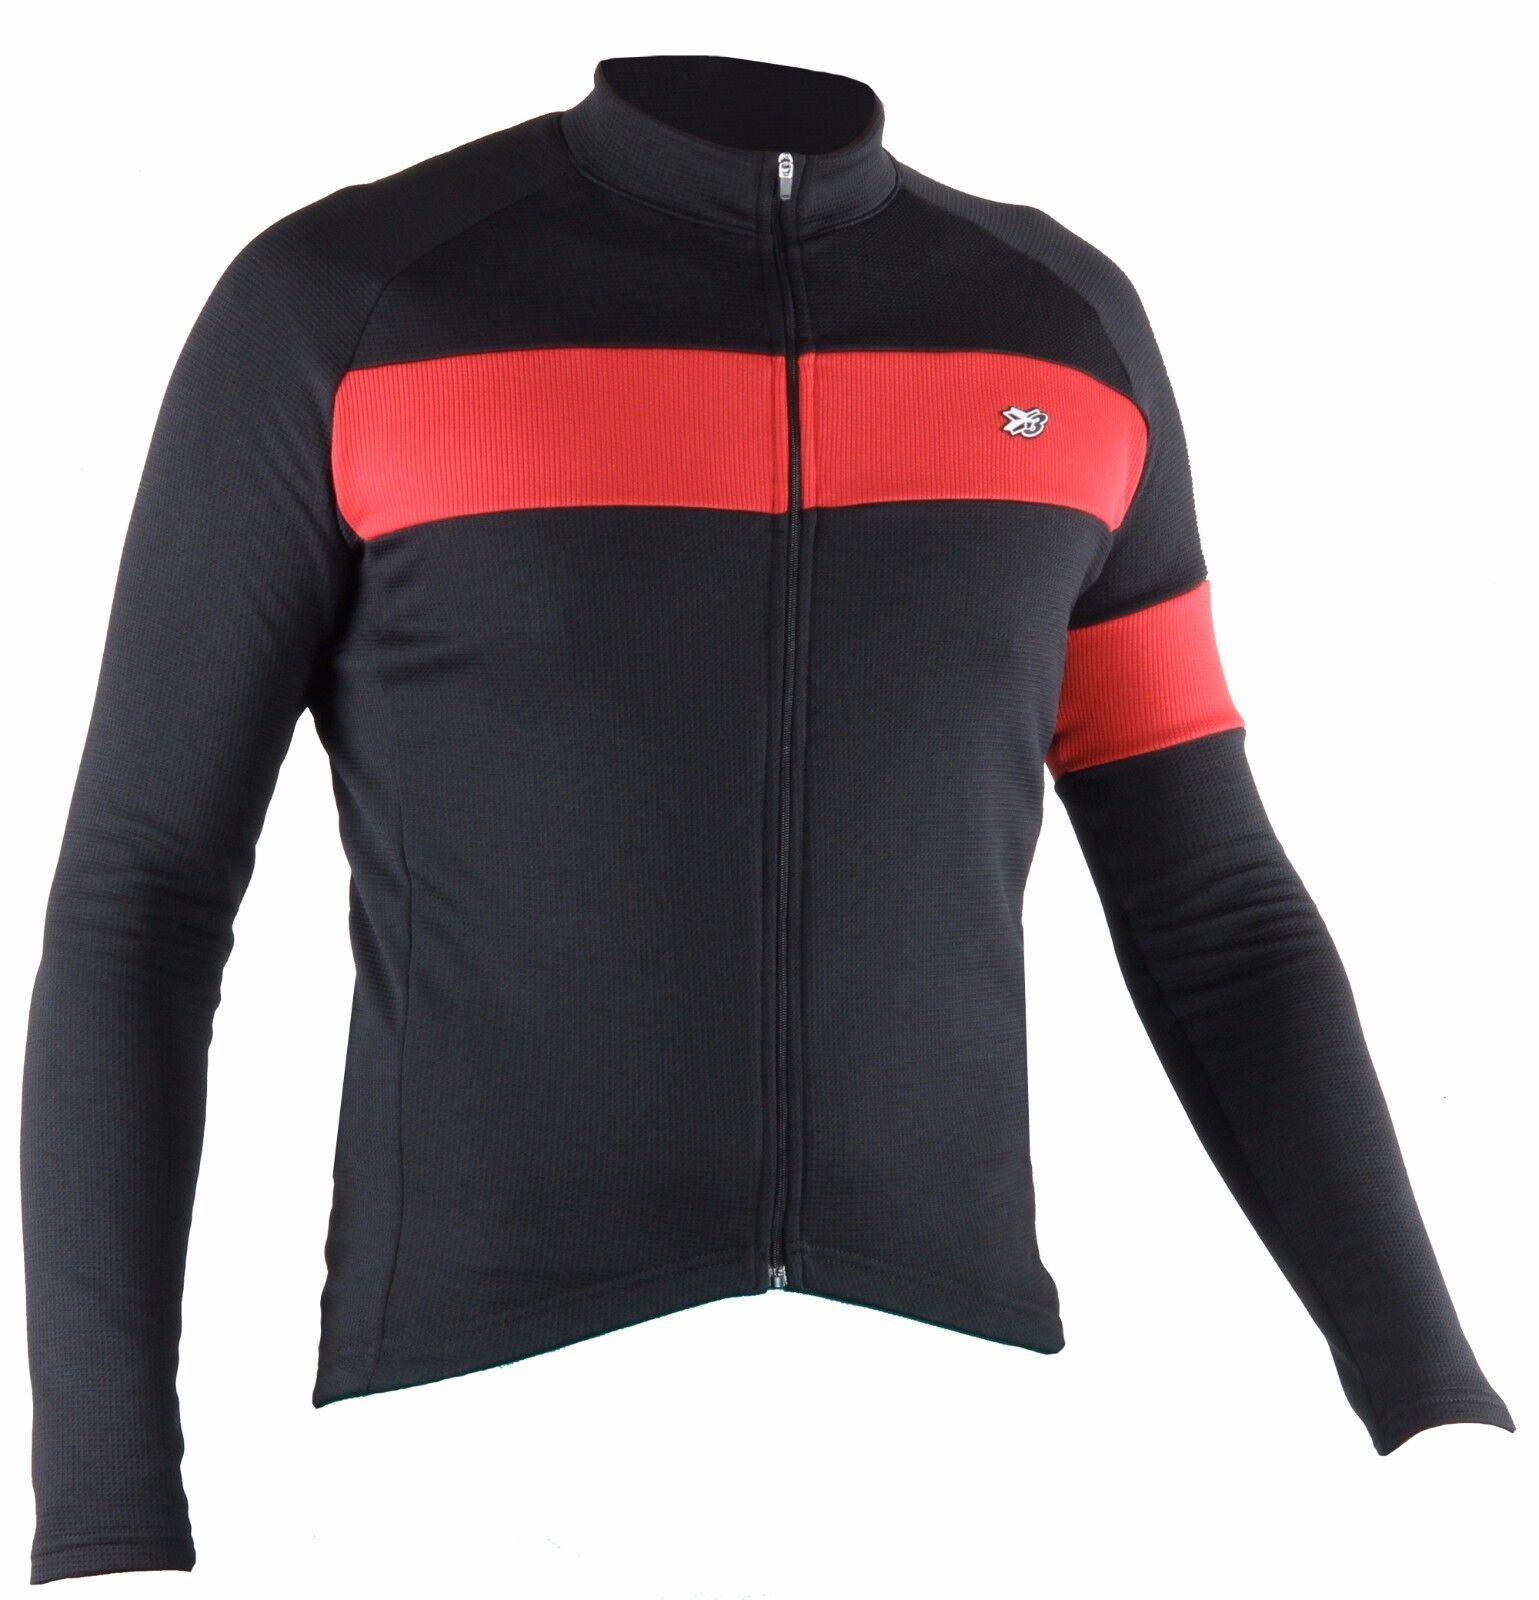 Maglia manica lunga ciclismo giacca leggera nero abbigliamento bici mtb